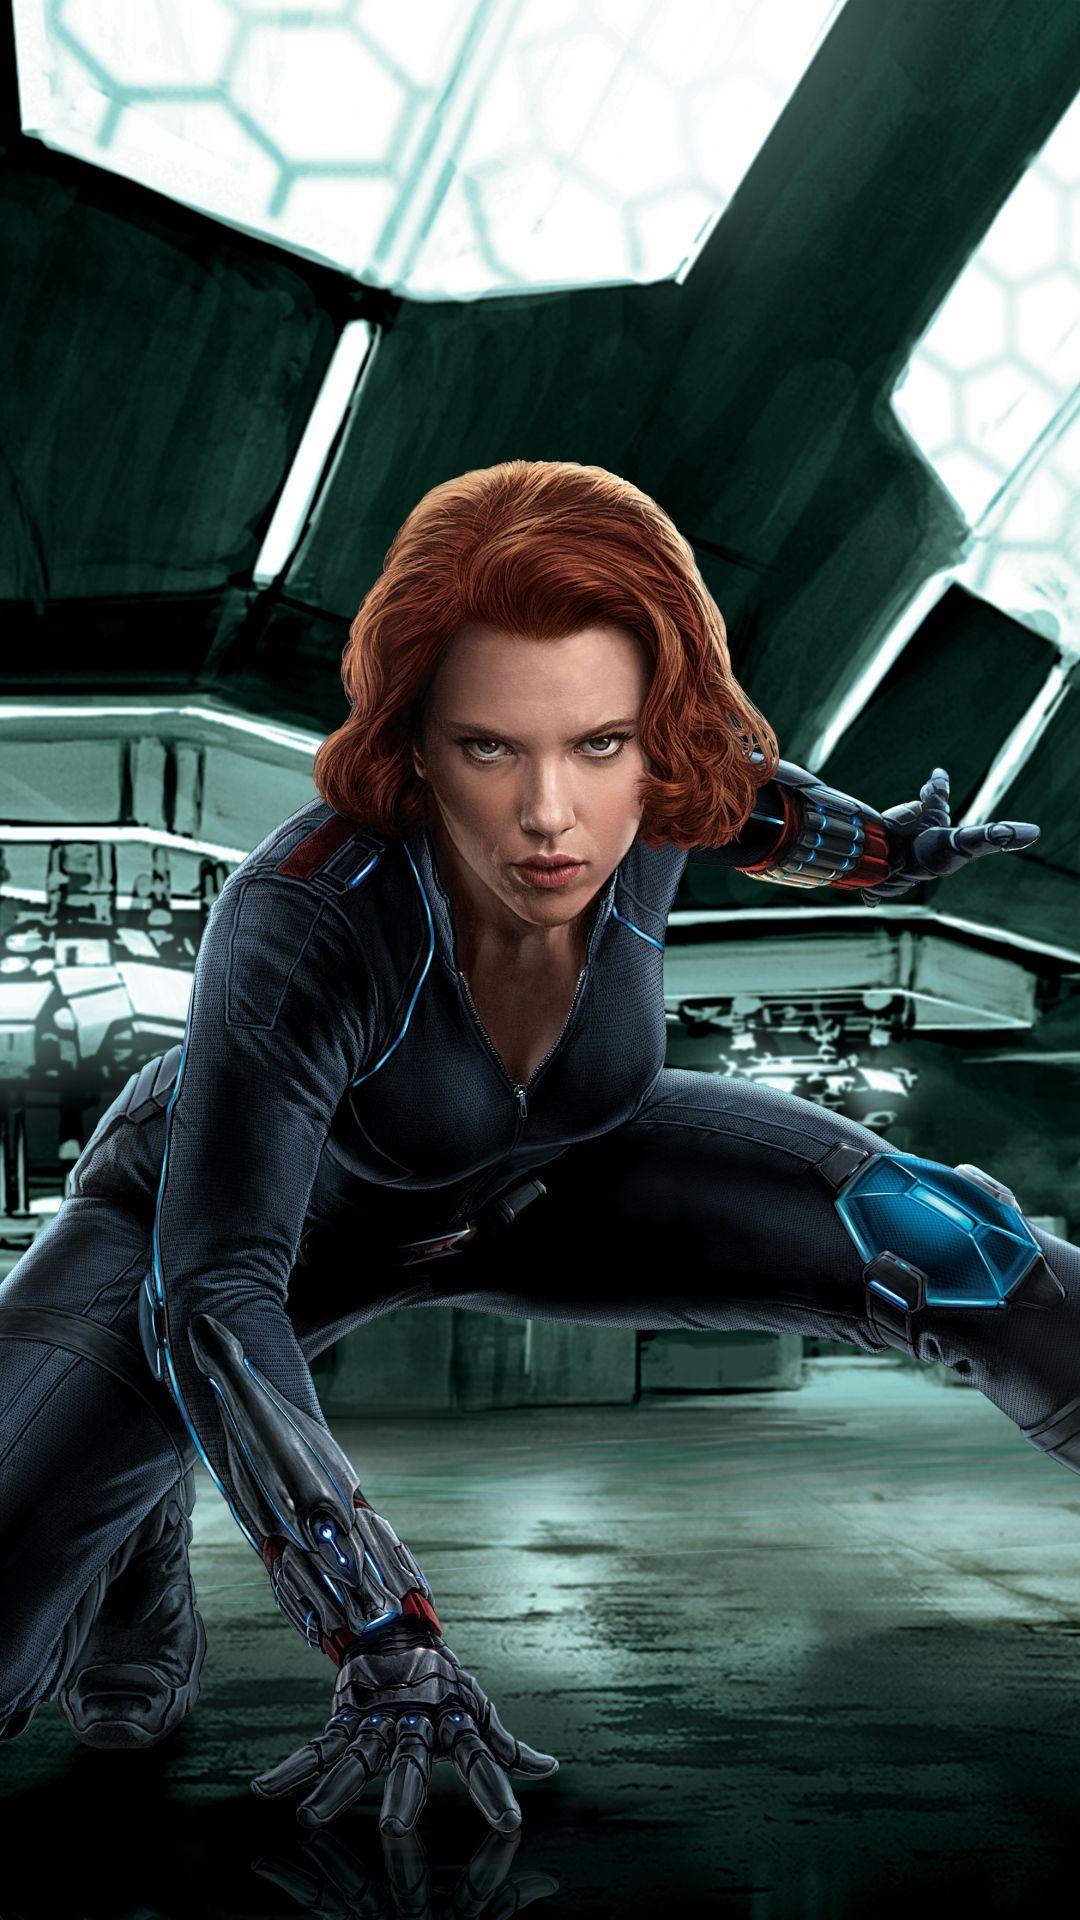 1080x1920 Wallpaper Black Widow Avengers Age Of Ultron Scarlett Johansson